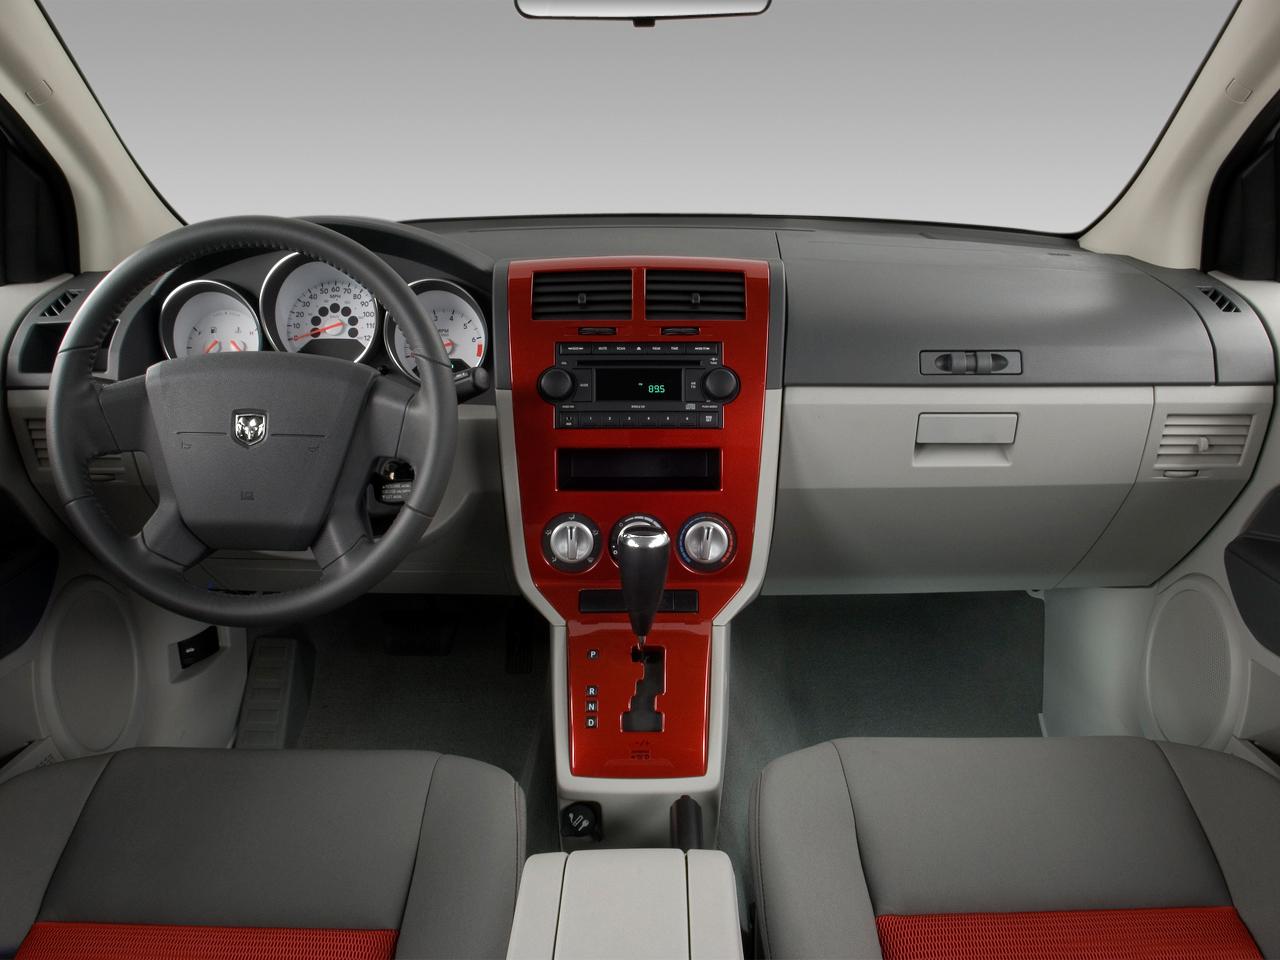 2009 dodge caliber srt4 - dodge sport hatchback review